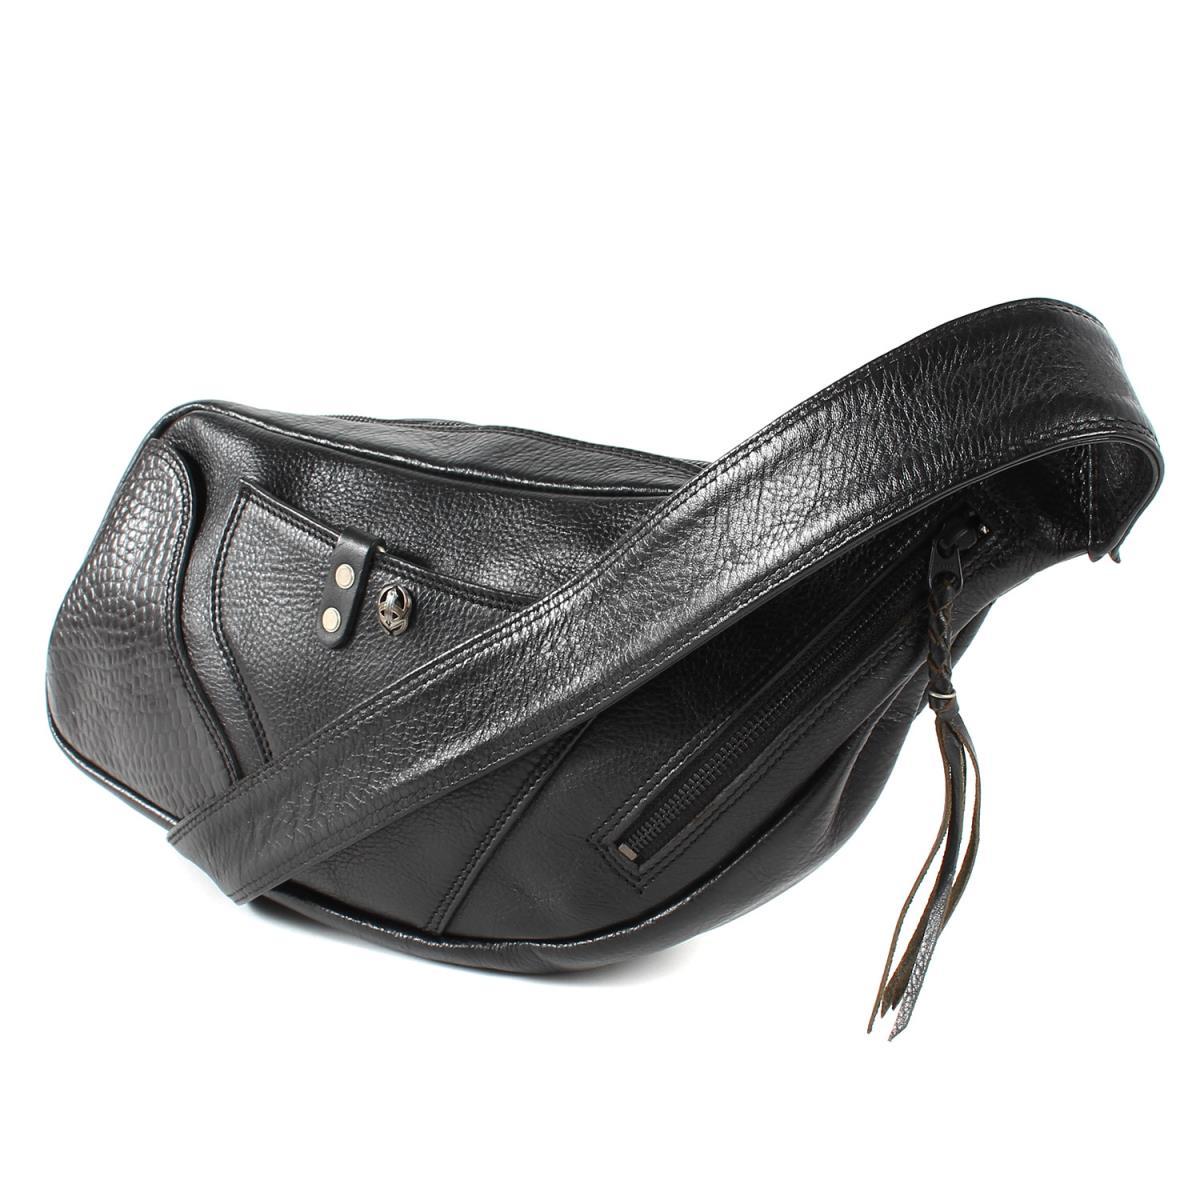 ピースメーカー 激安特価品 クロコ型押し ボディーバッグ デポー PEACE MAKER バッグ 中古 レザー切替 ブラック K2878 メンズ